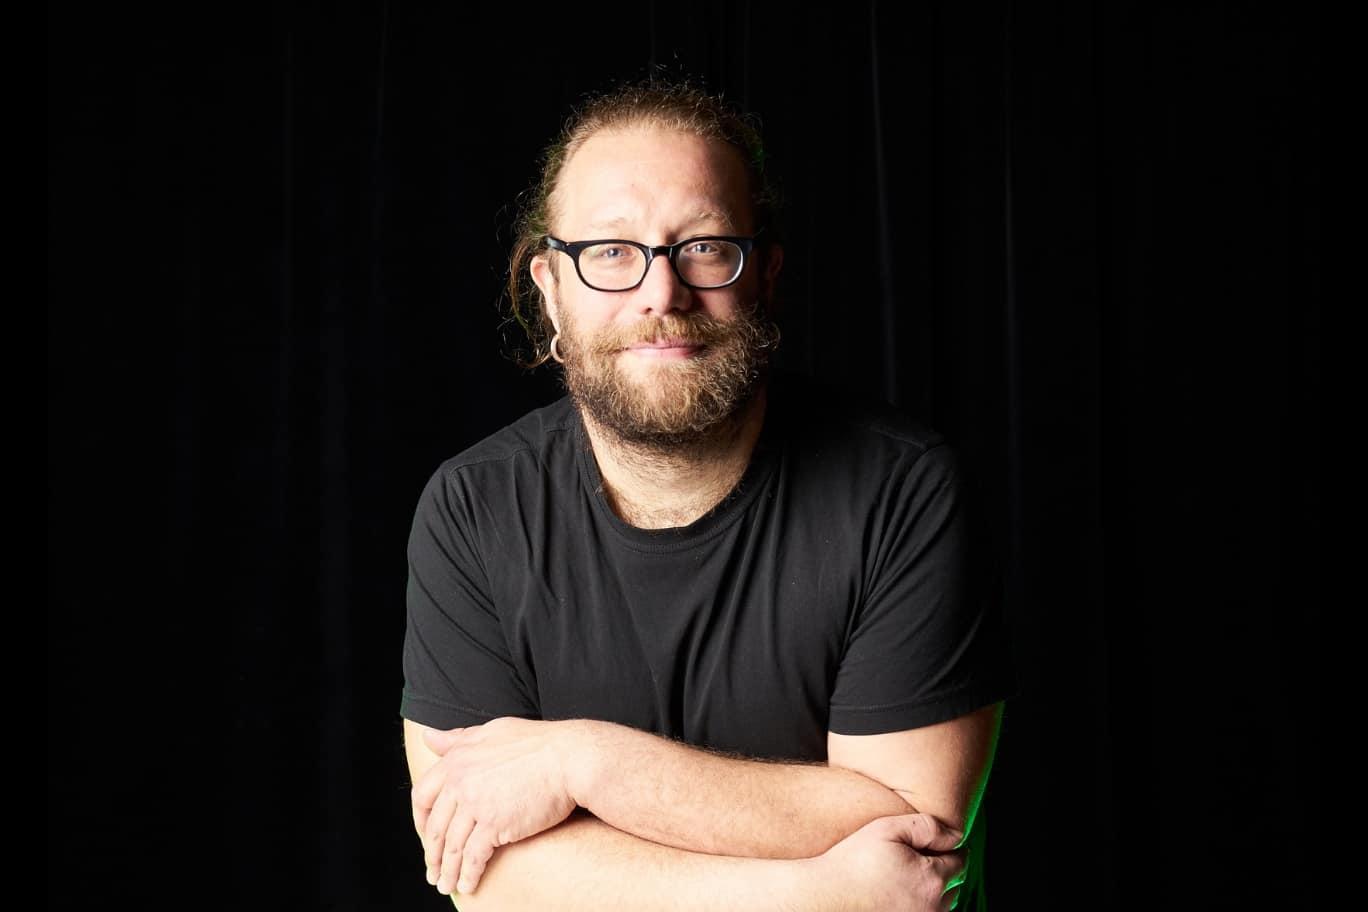 Buchautor Christian Bartel Pressefoto vor schwarzem Hintergrund